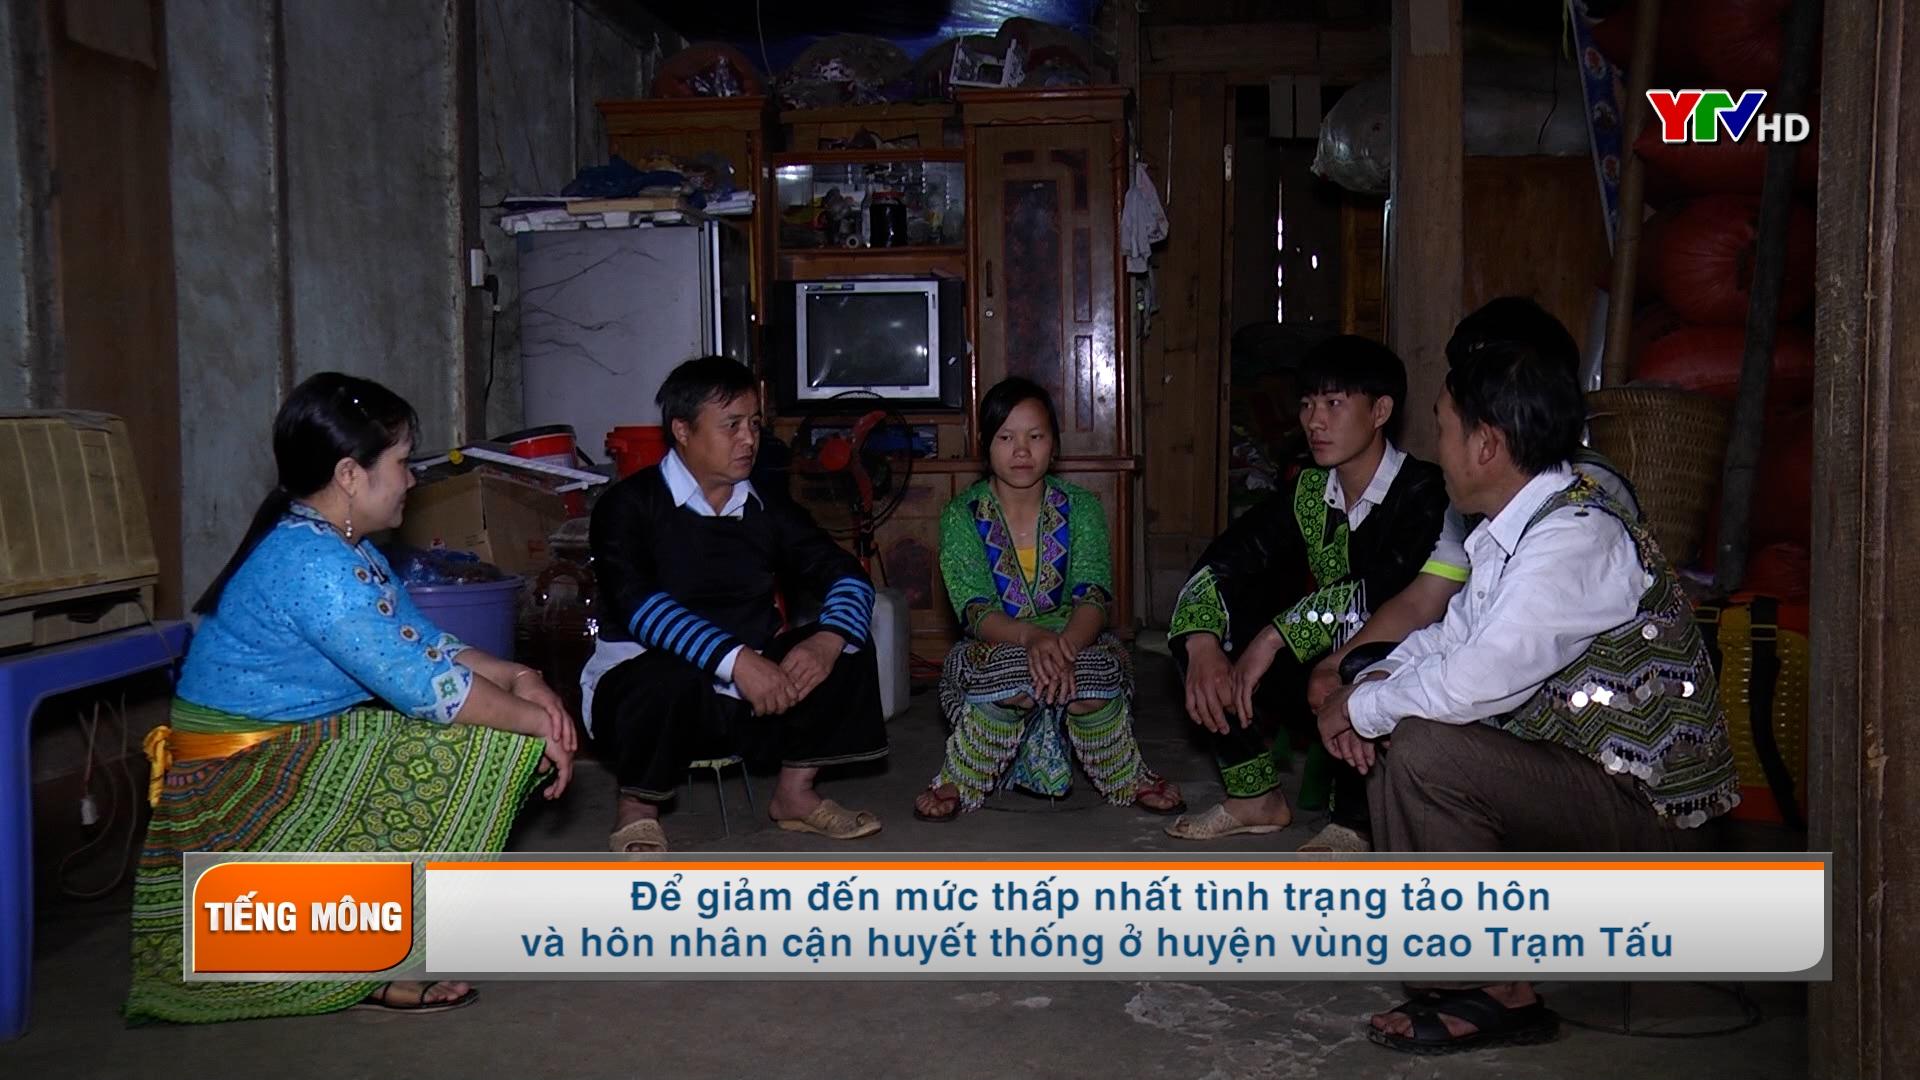 Tạp chí truyền hình tiếng Mông số 5 tháng 12 năm 2020